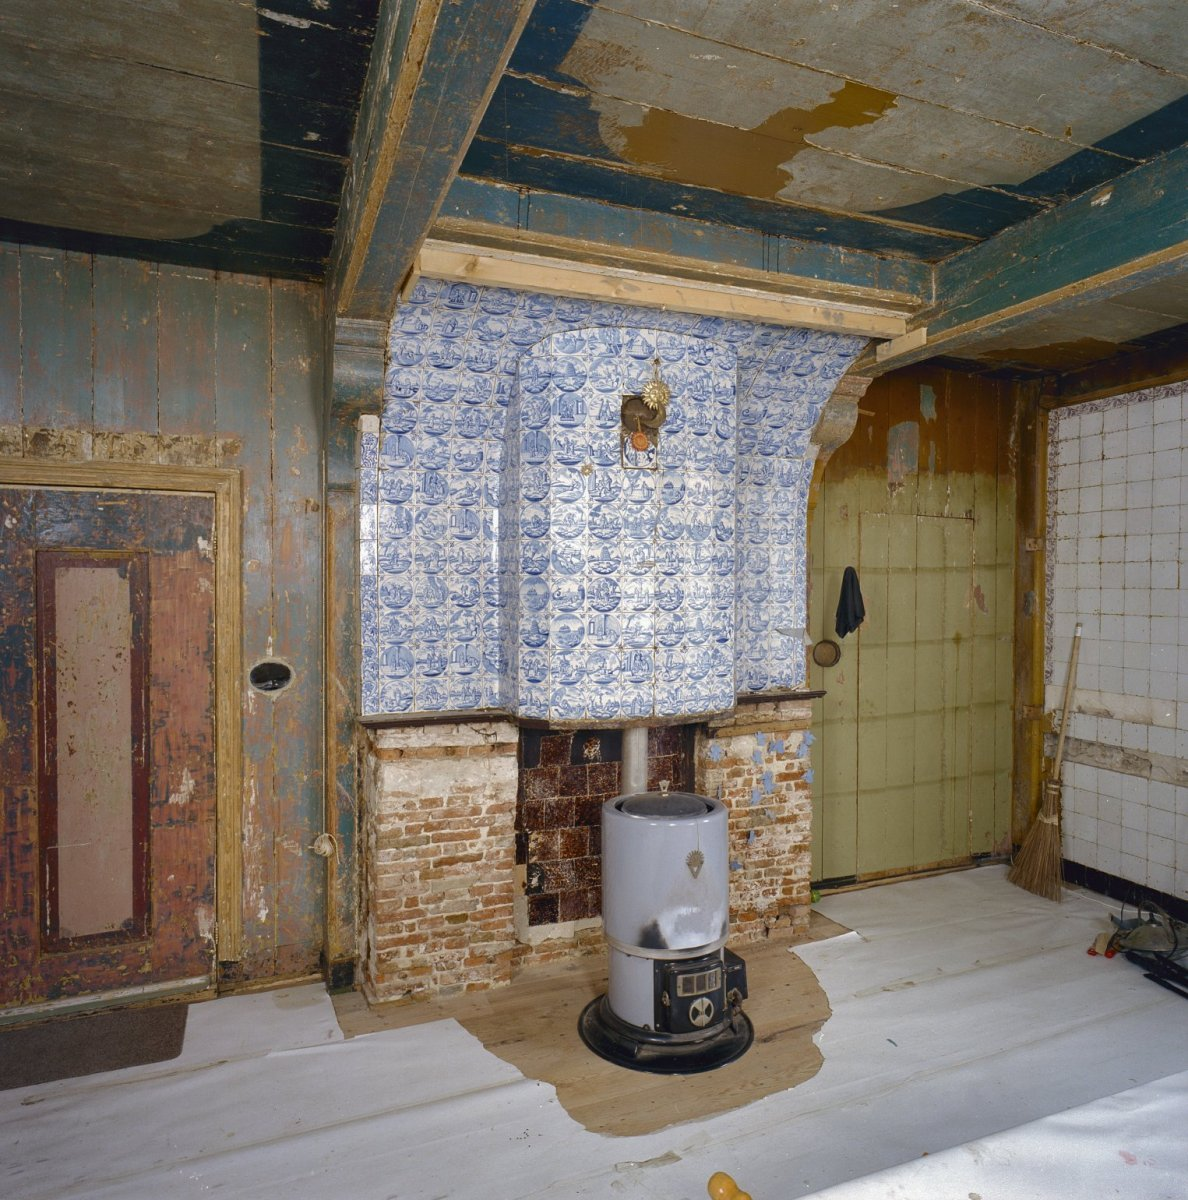 FileInterieur woonkamer betegelde schouw met kachel